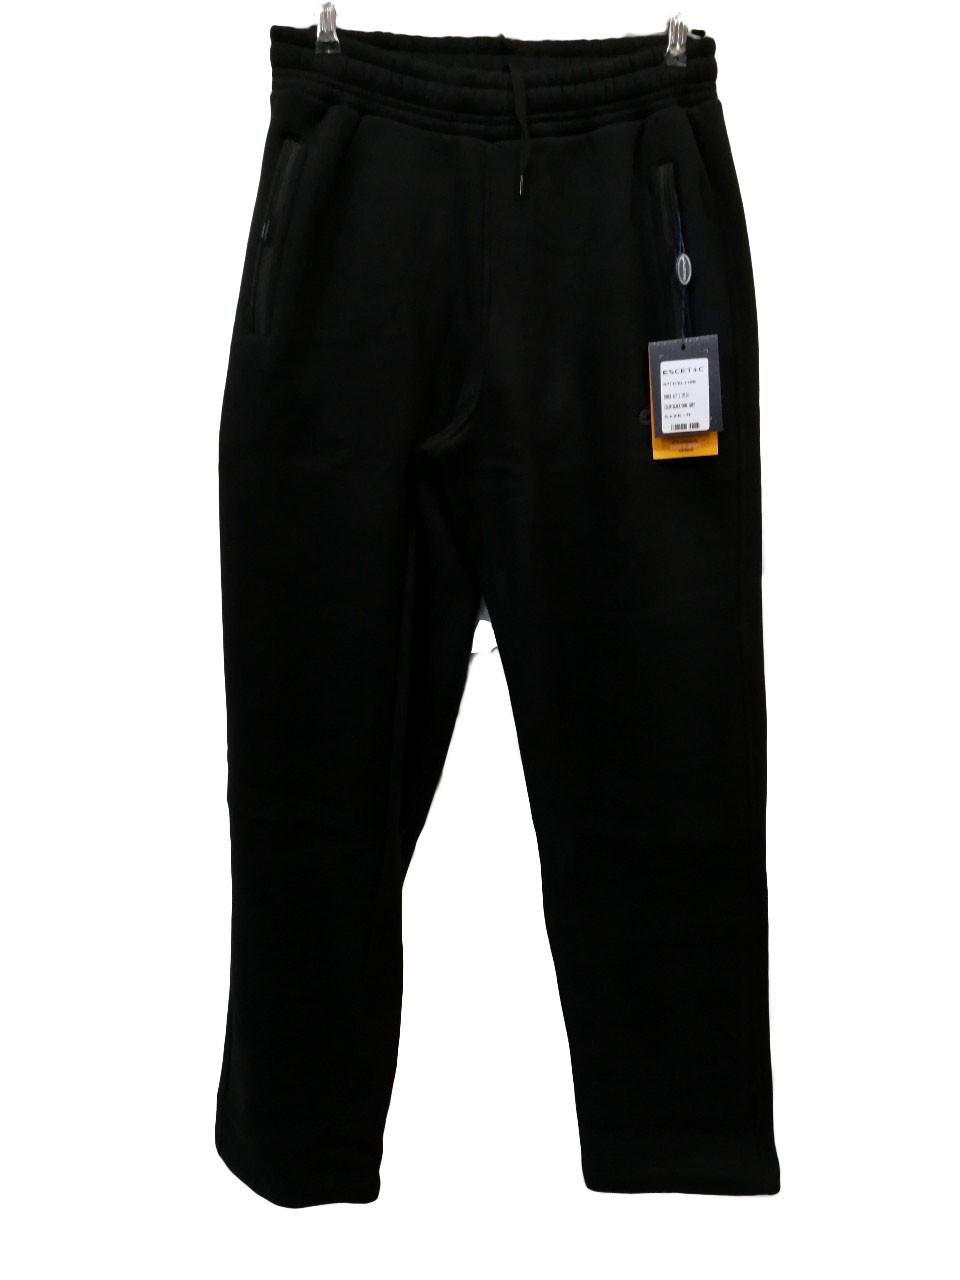 Штани теплі чоловічі Escetic прямі зимові спортивні штани Чорні